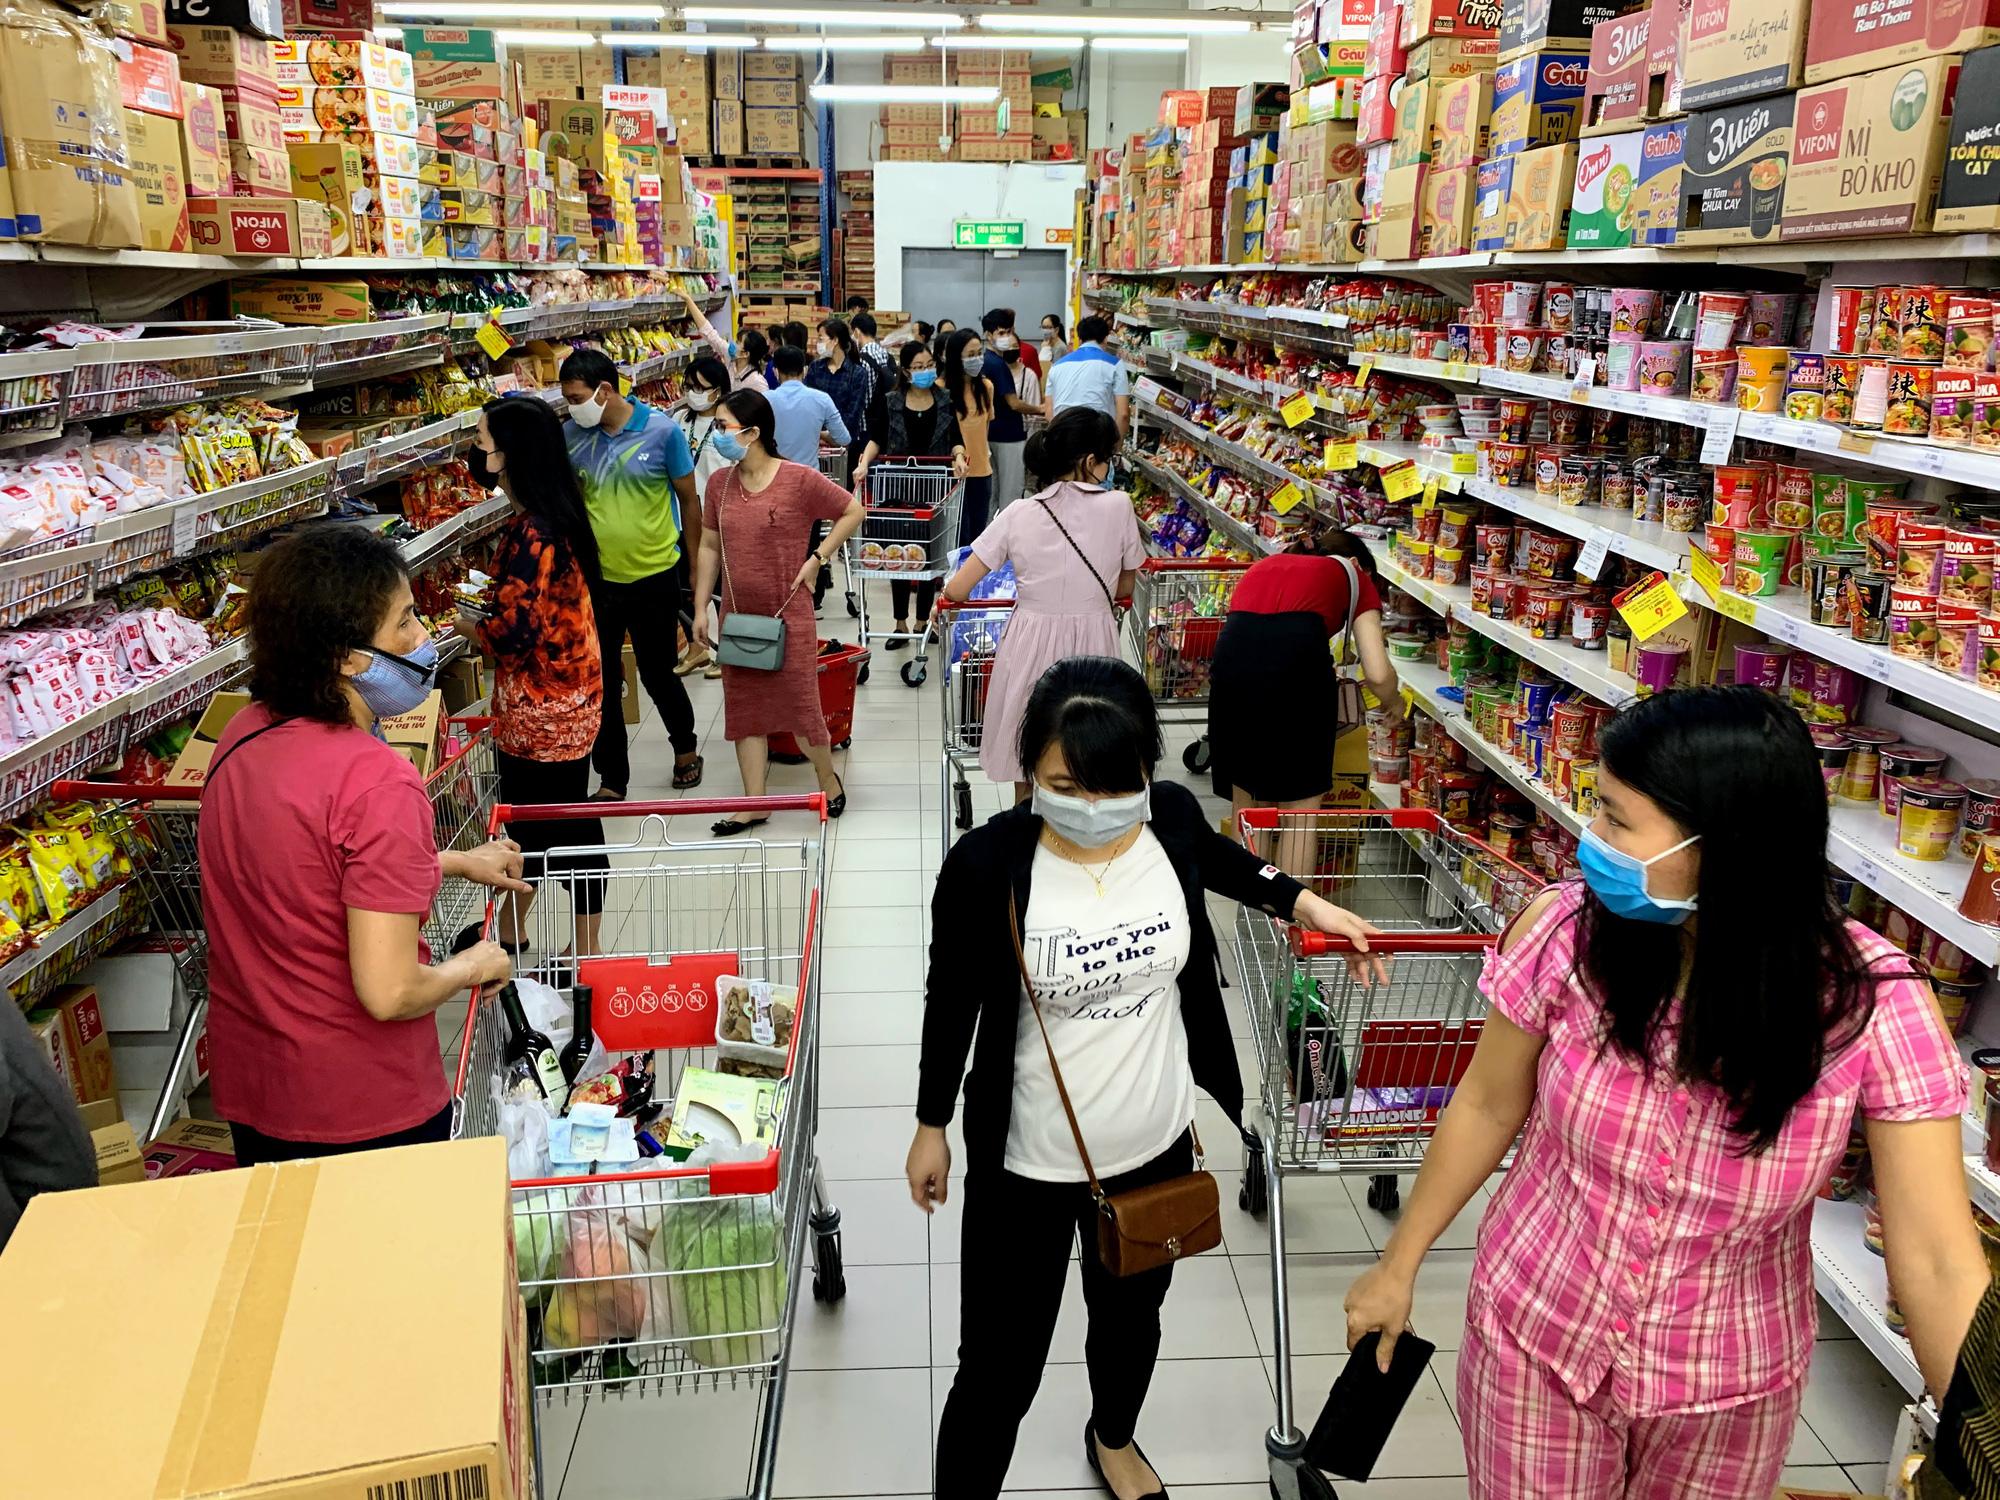 Trước giờ giới nghiêm, người Hà Nội ùn ùn kéo về siêu thị, mua sạch mì tôm, thực phẩm, giấy vệ sinh - Ảnh 4.